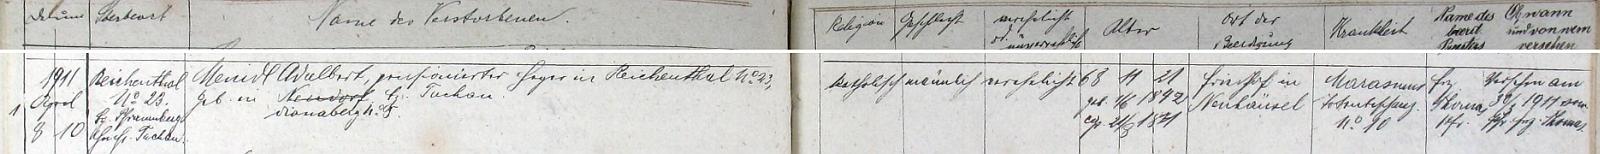 Záznam úmrtní matriky o skonu penzionovaného hajného Adalberta Meindla roku 1911